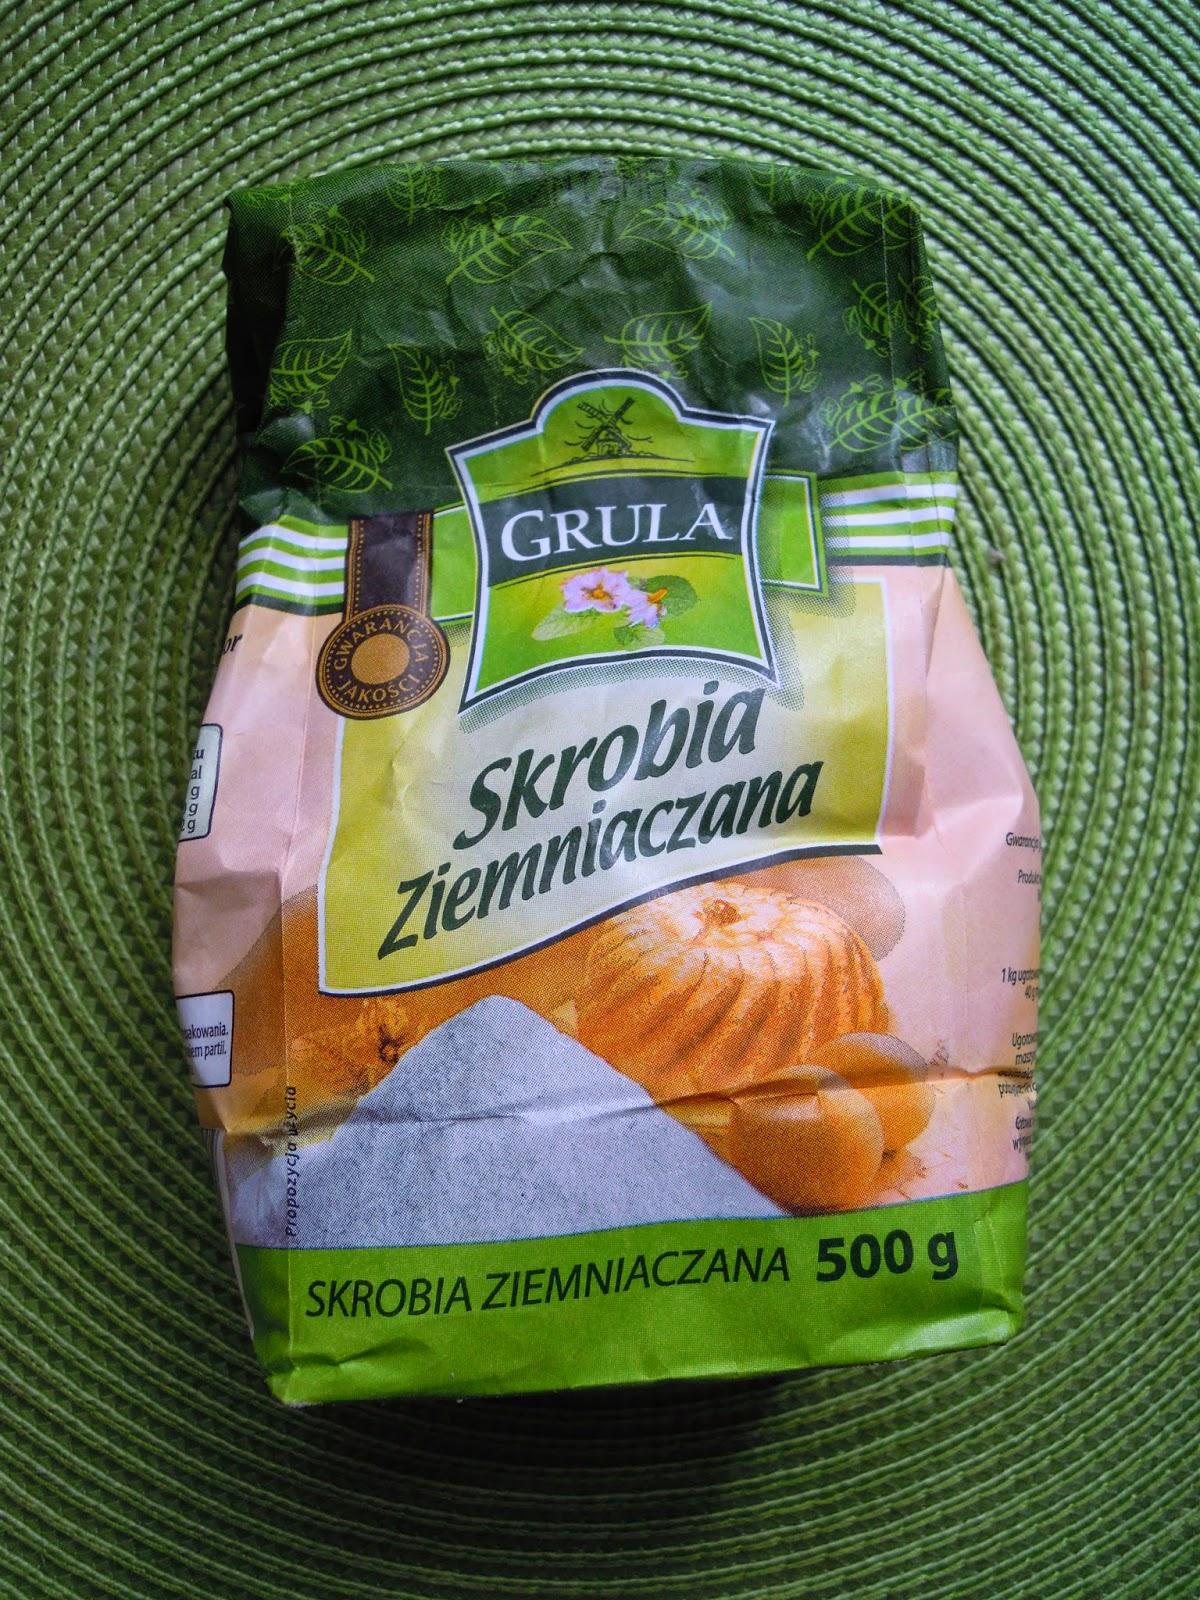 Skrobia ziemniaczana jako dodatek do masek ? :)